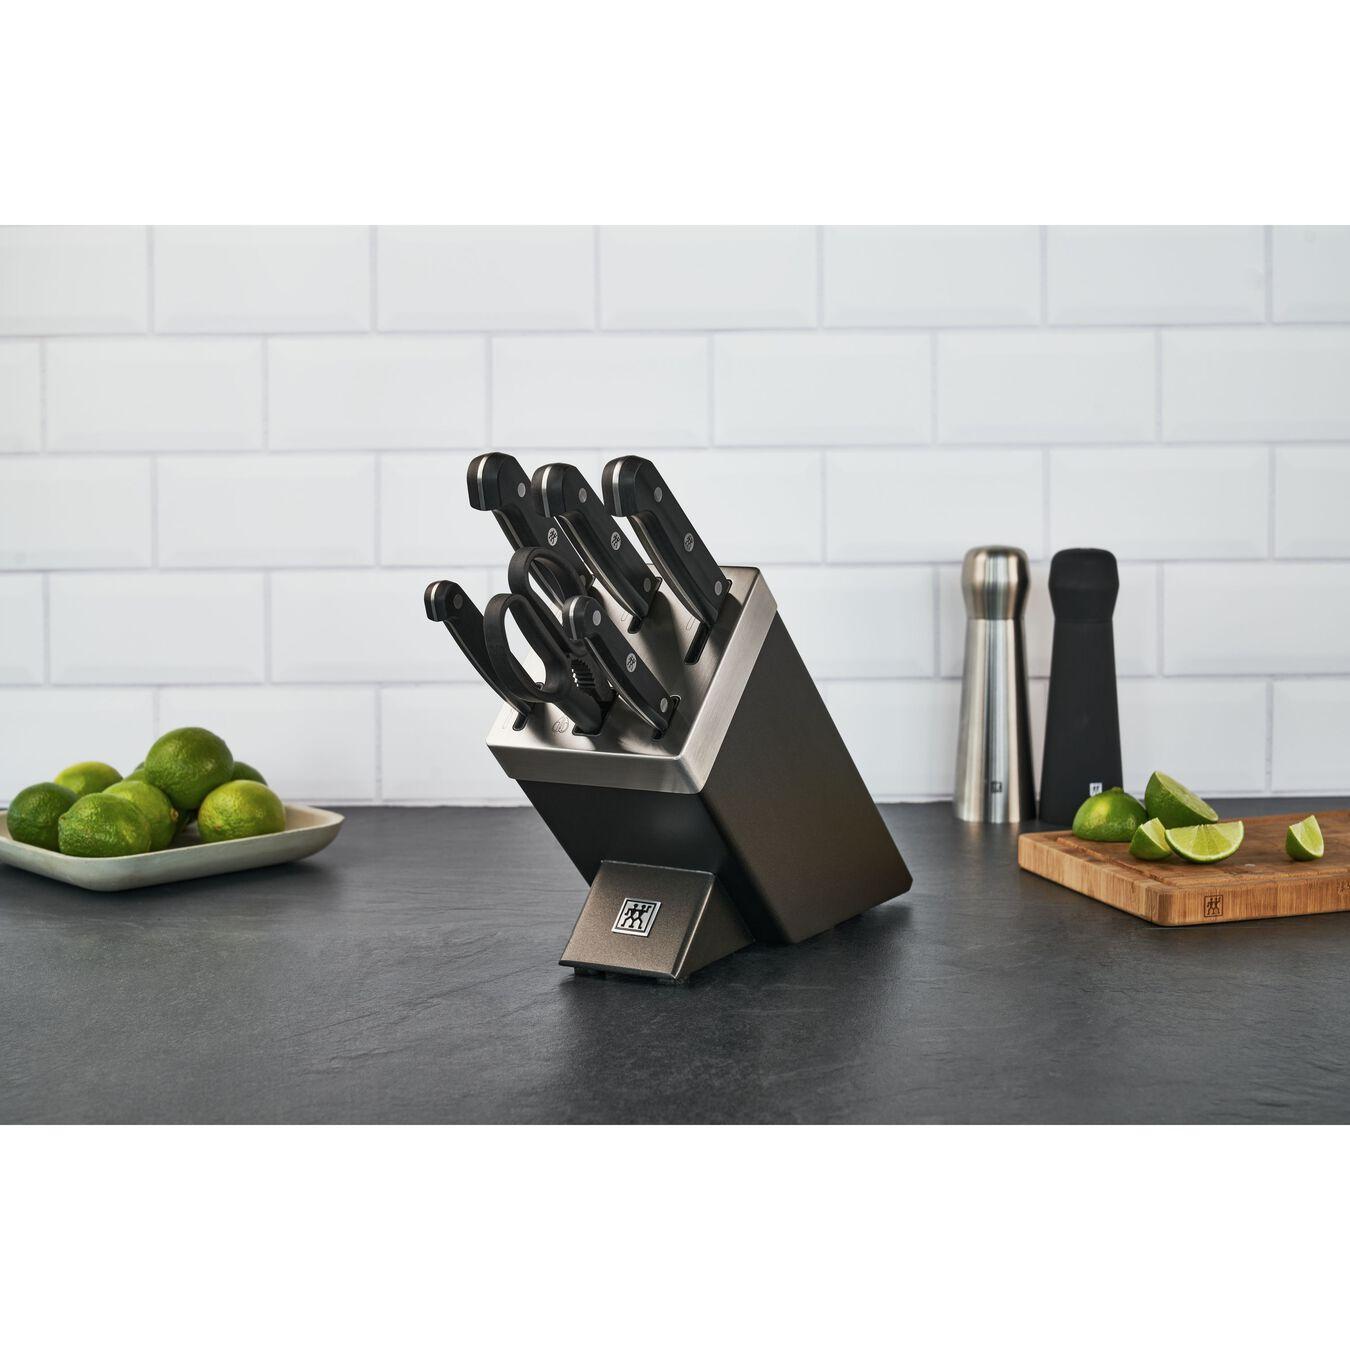 Set di coltelli con ceppo con sistema autoaffilante - 7-pz., grigio,,large 3